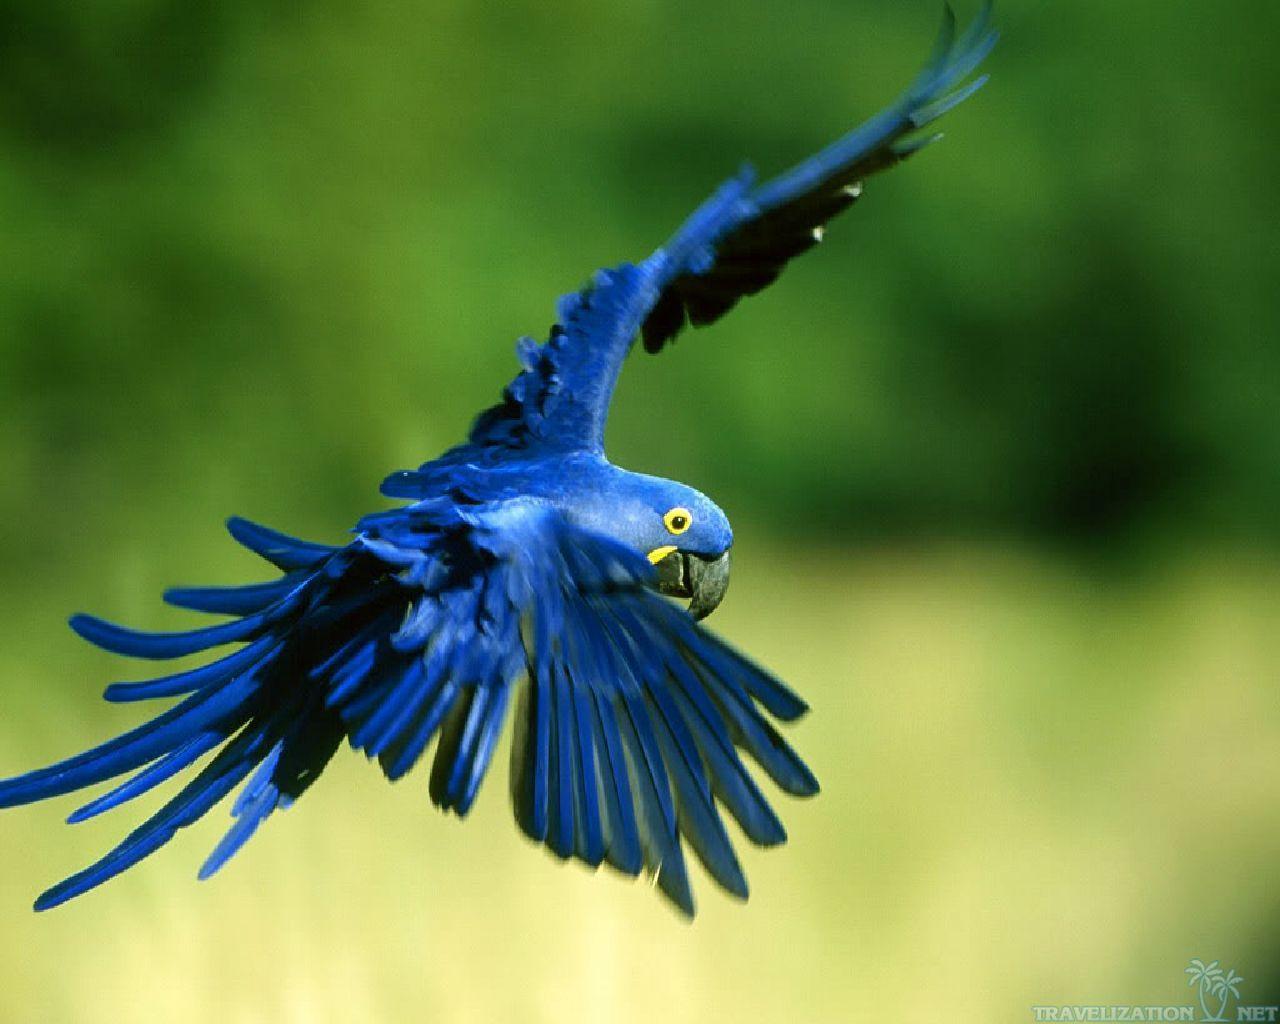 Blue Birds Flying | Birds flying, Birds, Parrot flying |Blue Macaw Parrot Flying